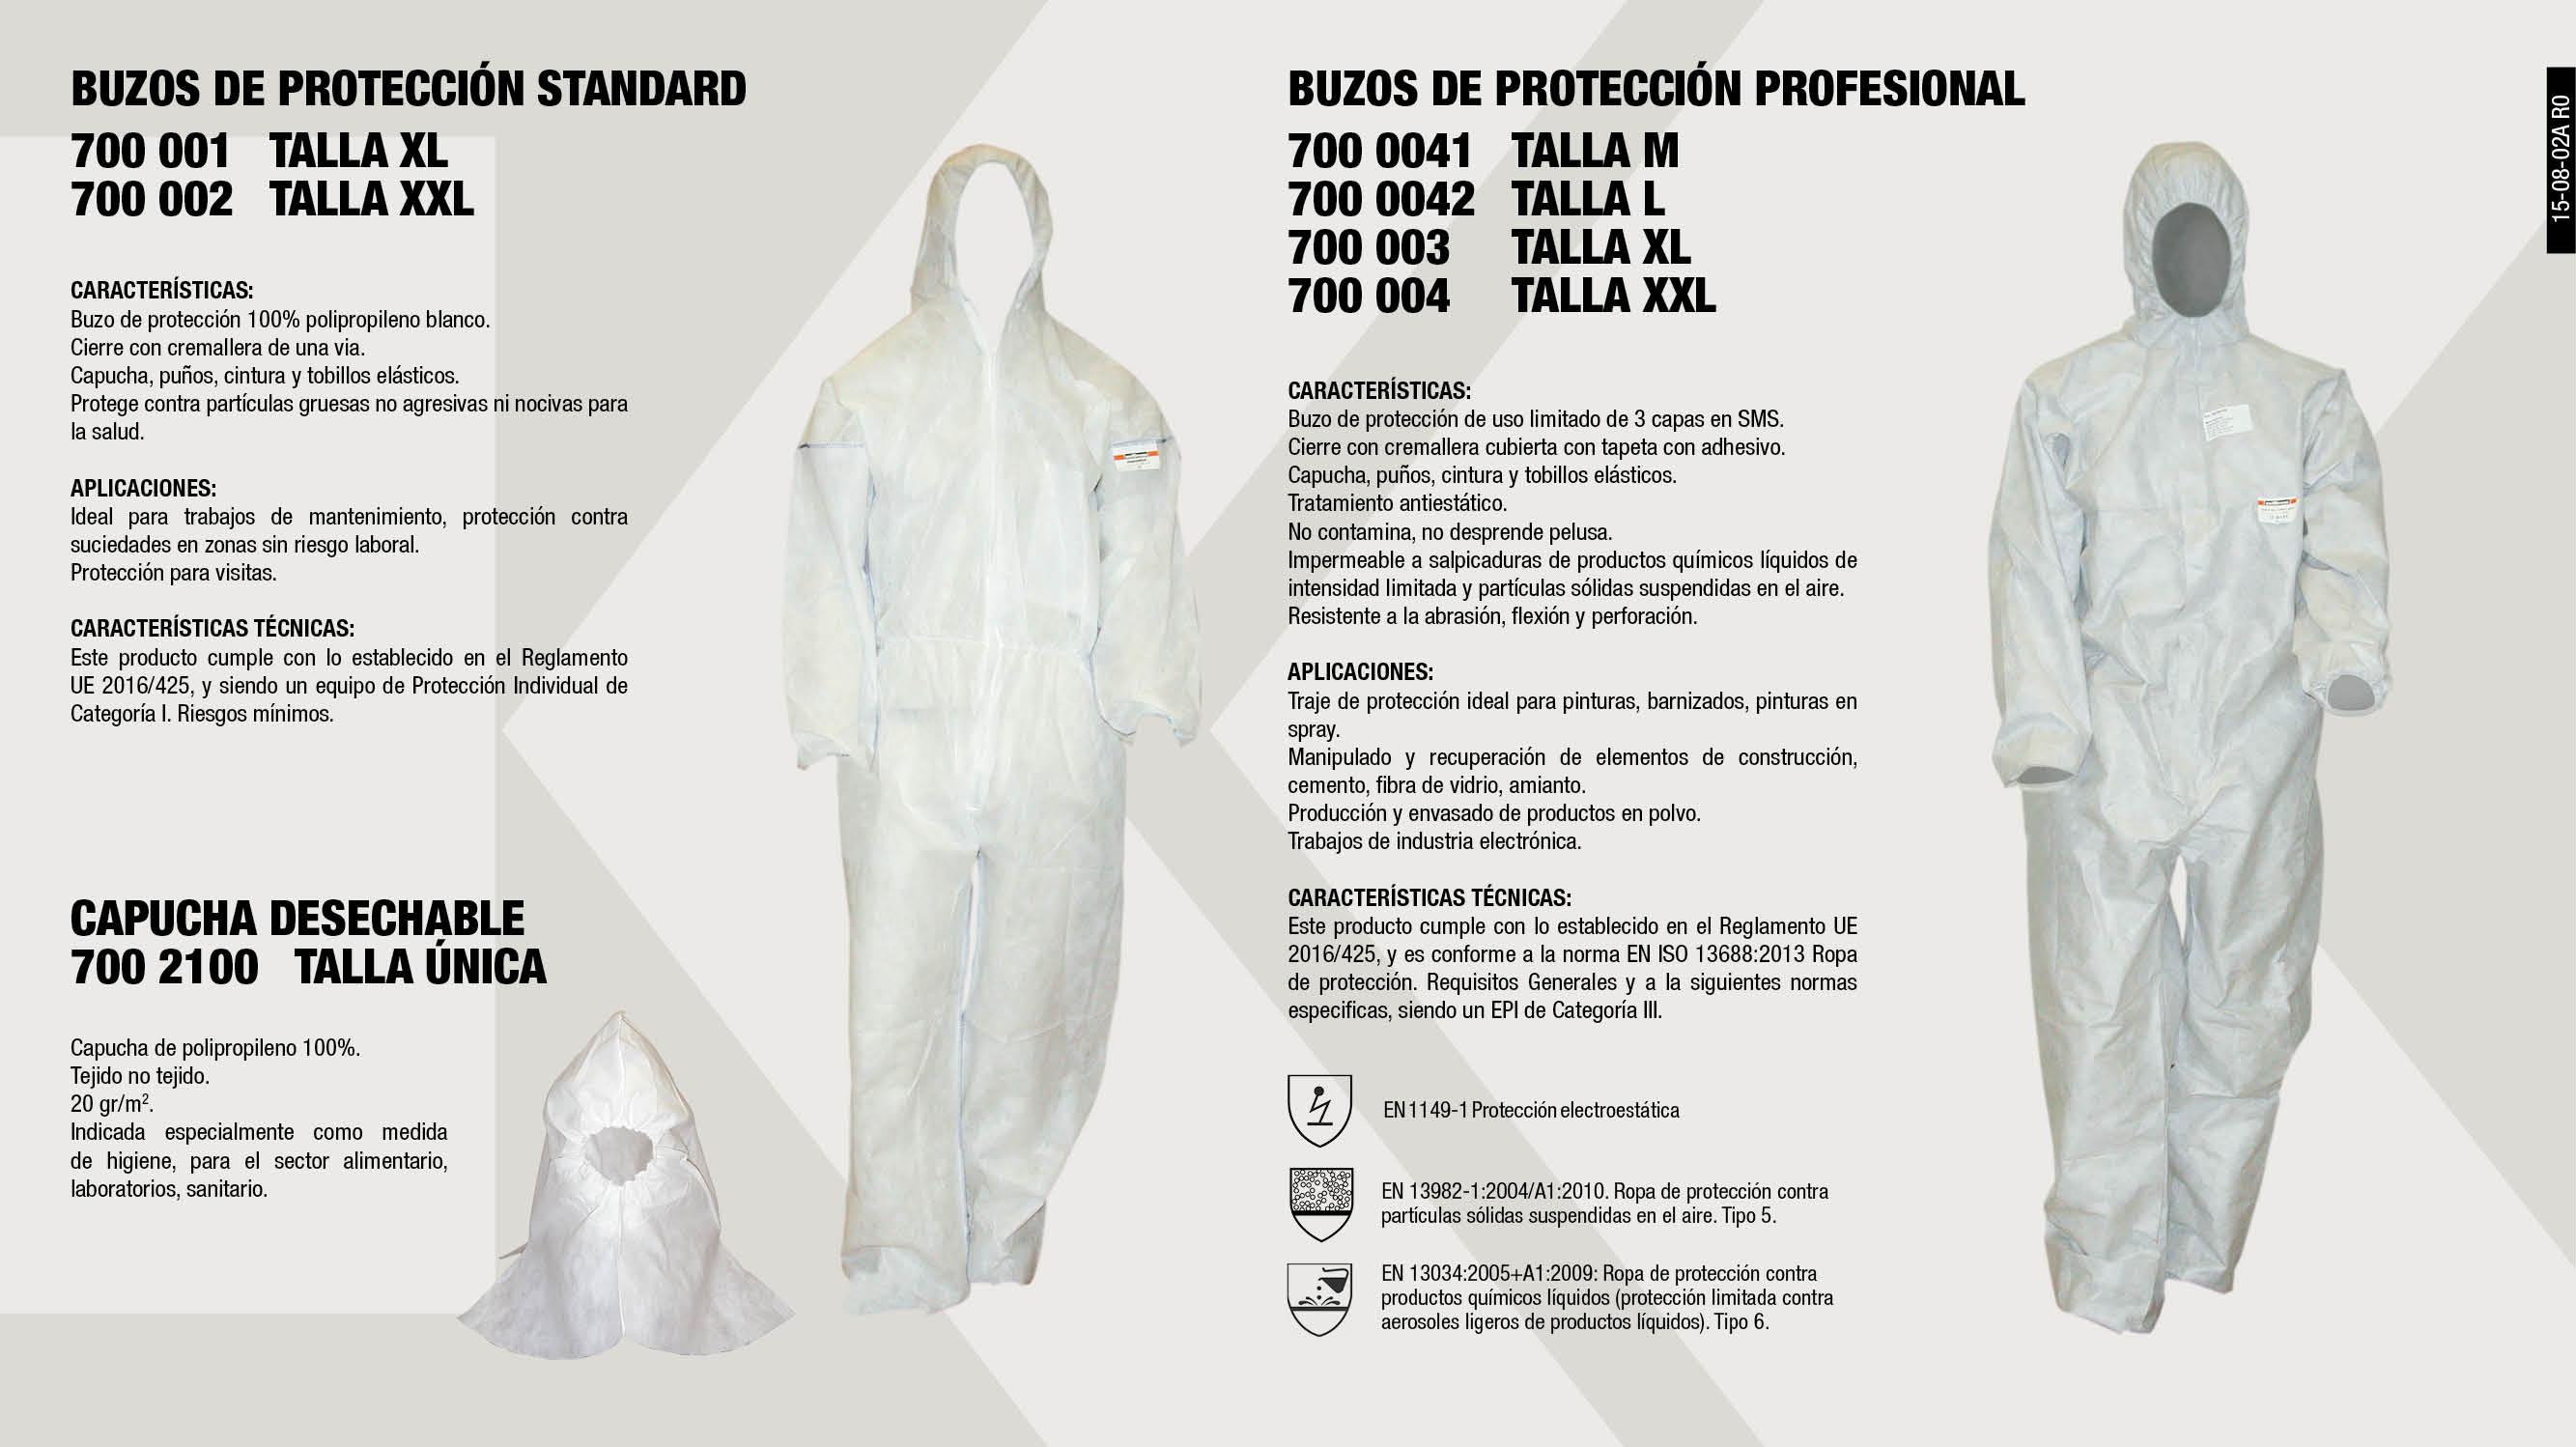 CAJA 100 PACKS CLEAN SETS                                   ,  SOPORTE MURAL GRIS                                          ,